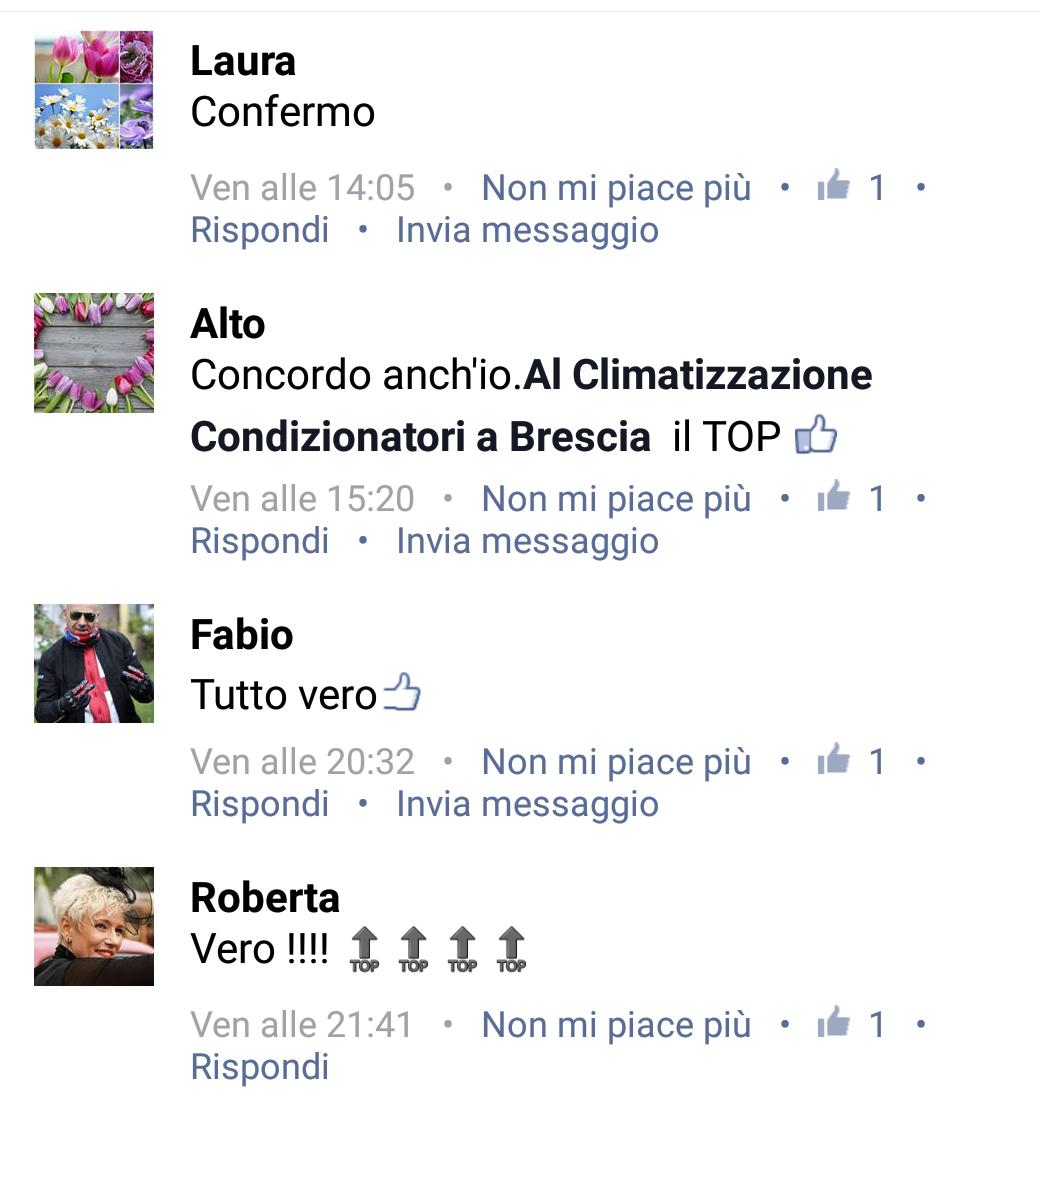 Facebook AL CLIMATIZZAZIONE